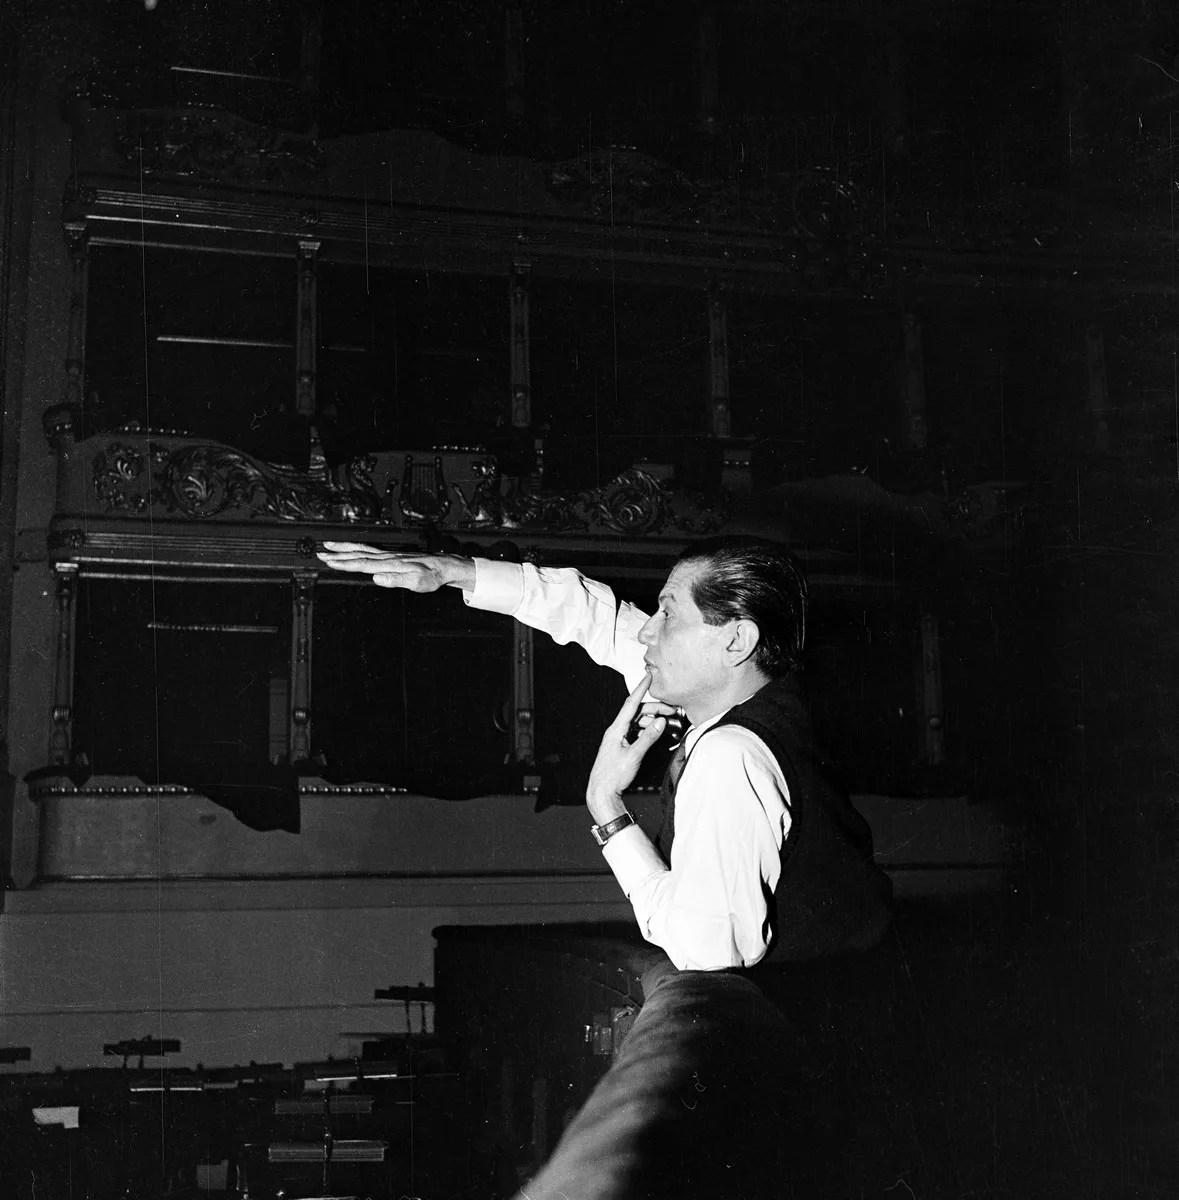 Serge Lifar - photo by Erio Piccagliani © Teatro alla Scala